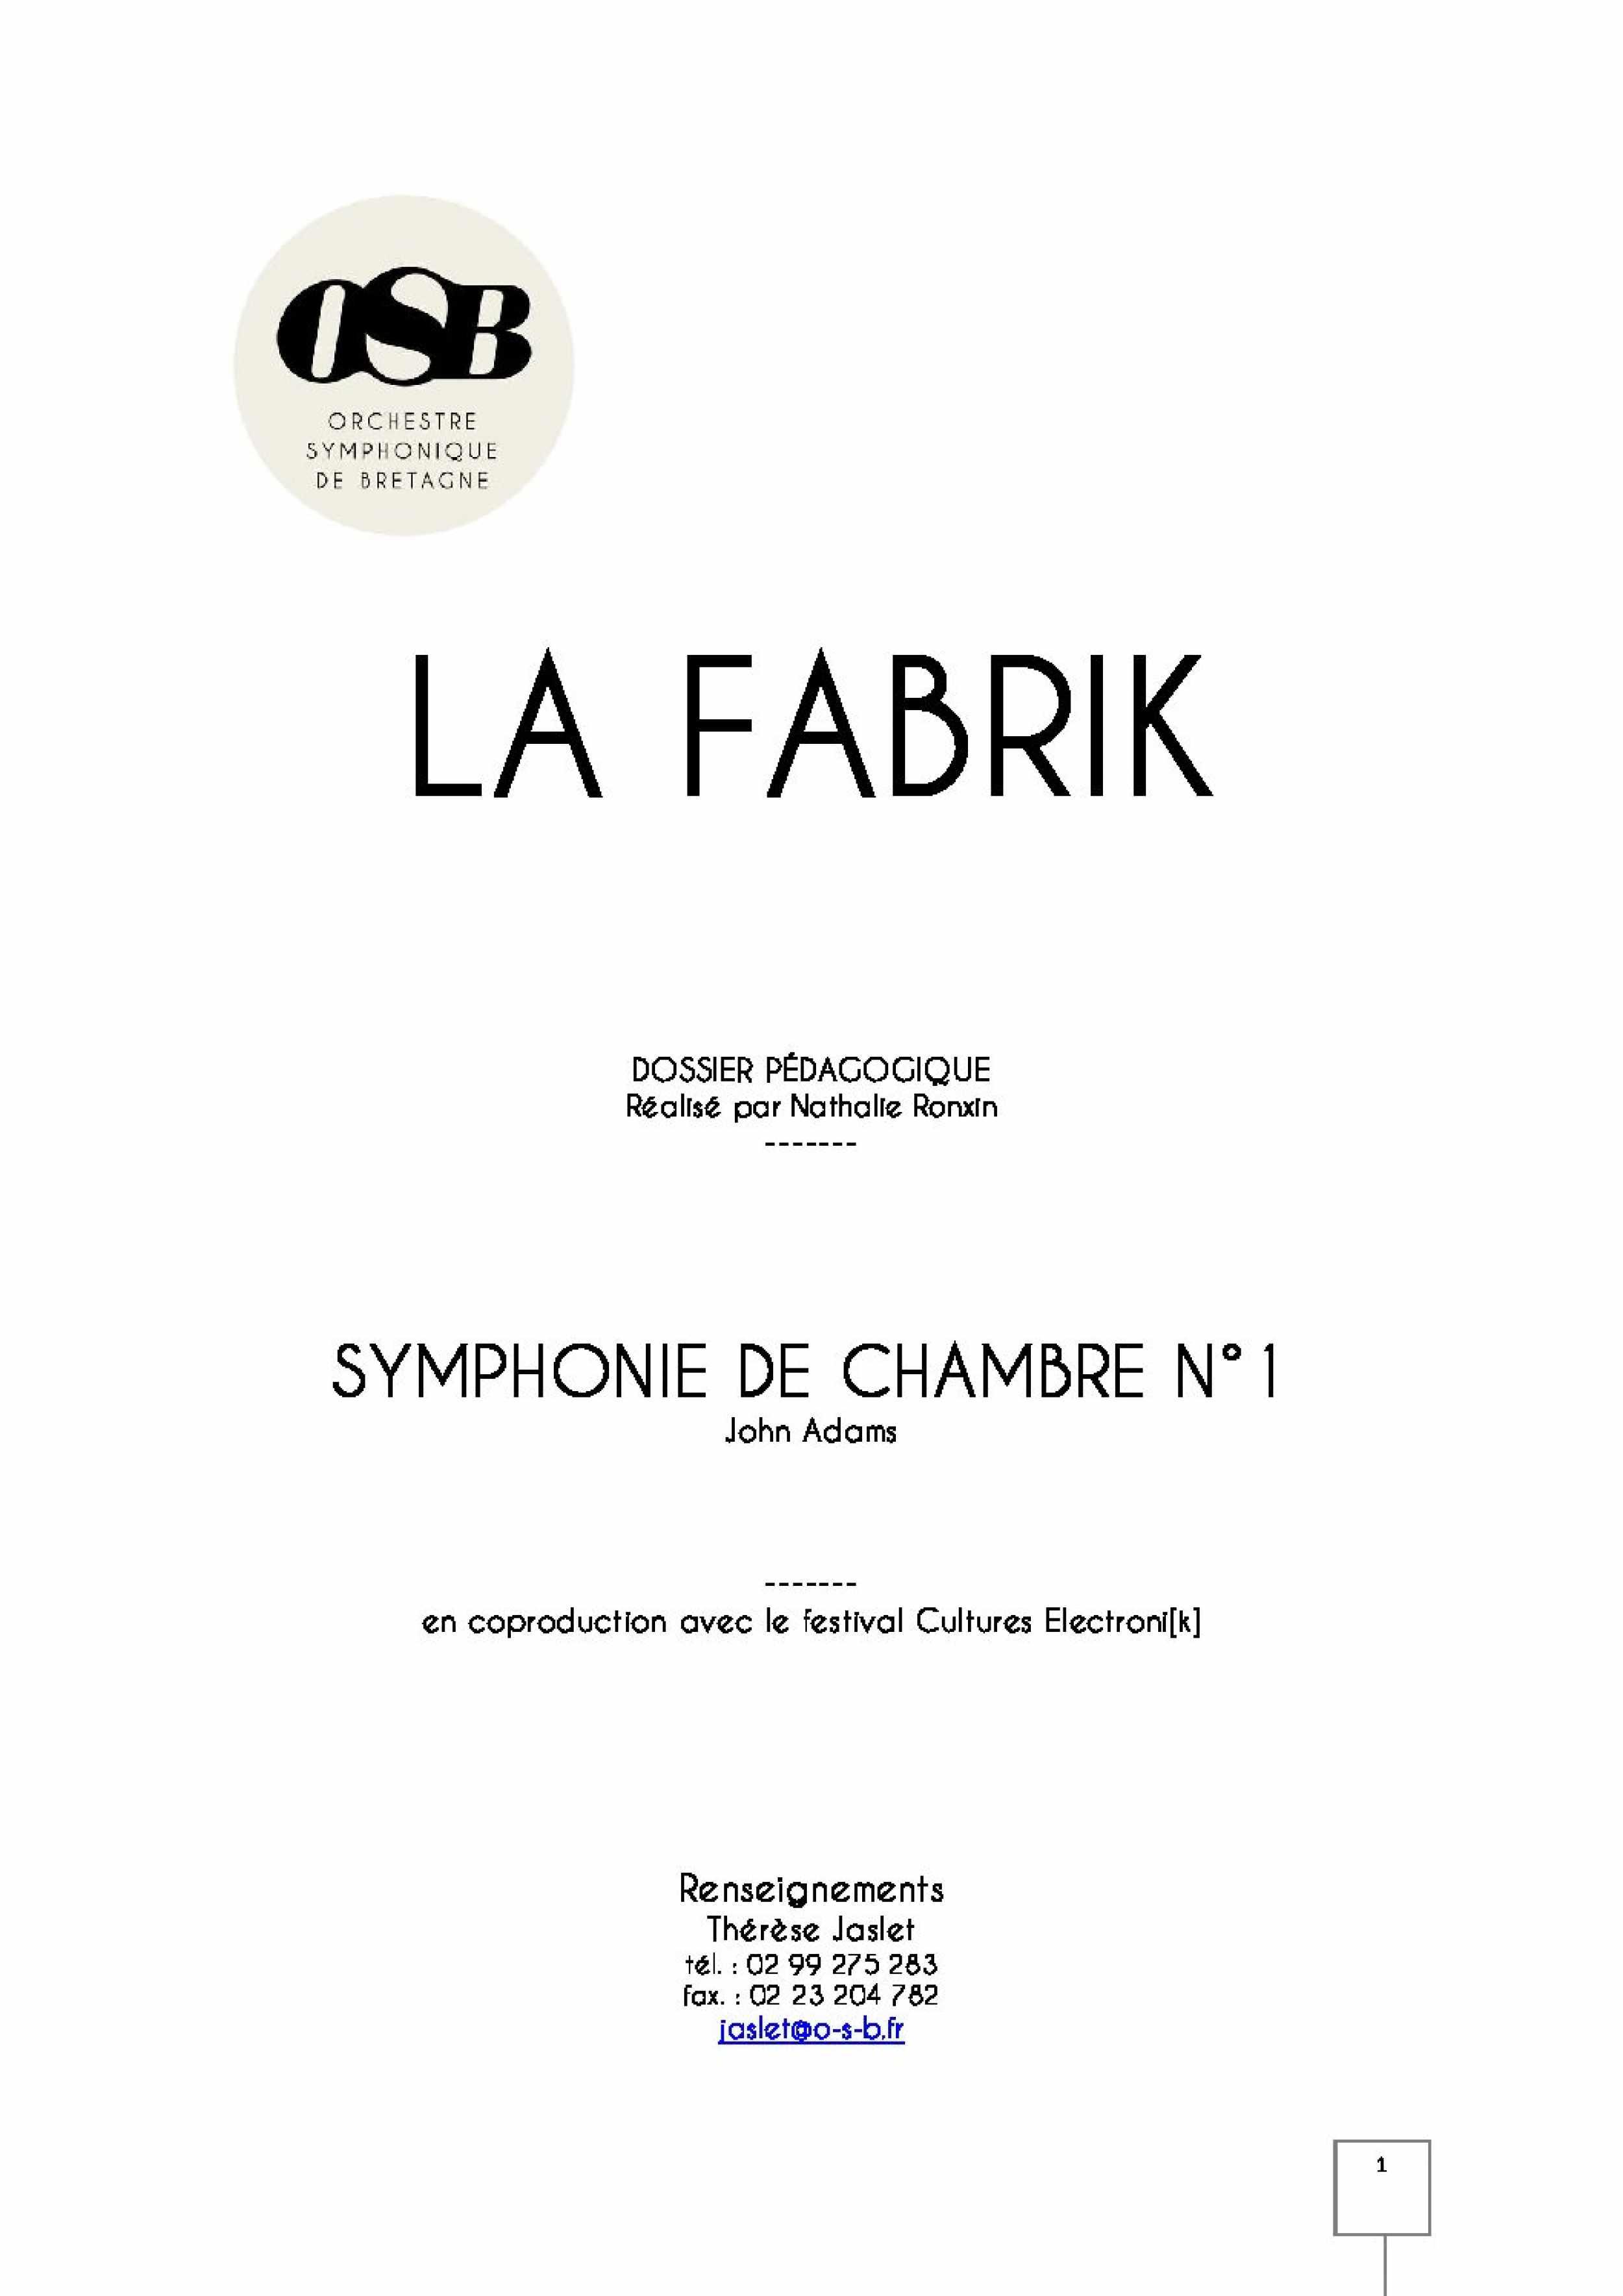 Symphonie de chambre n1 - John Adams